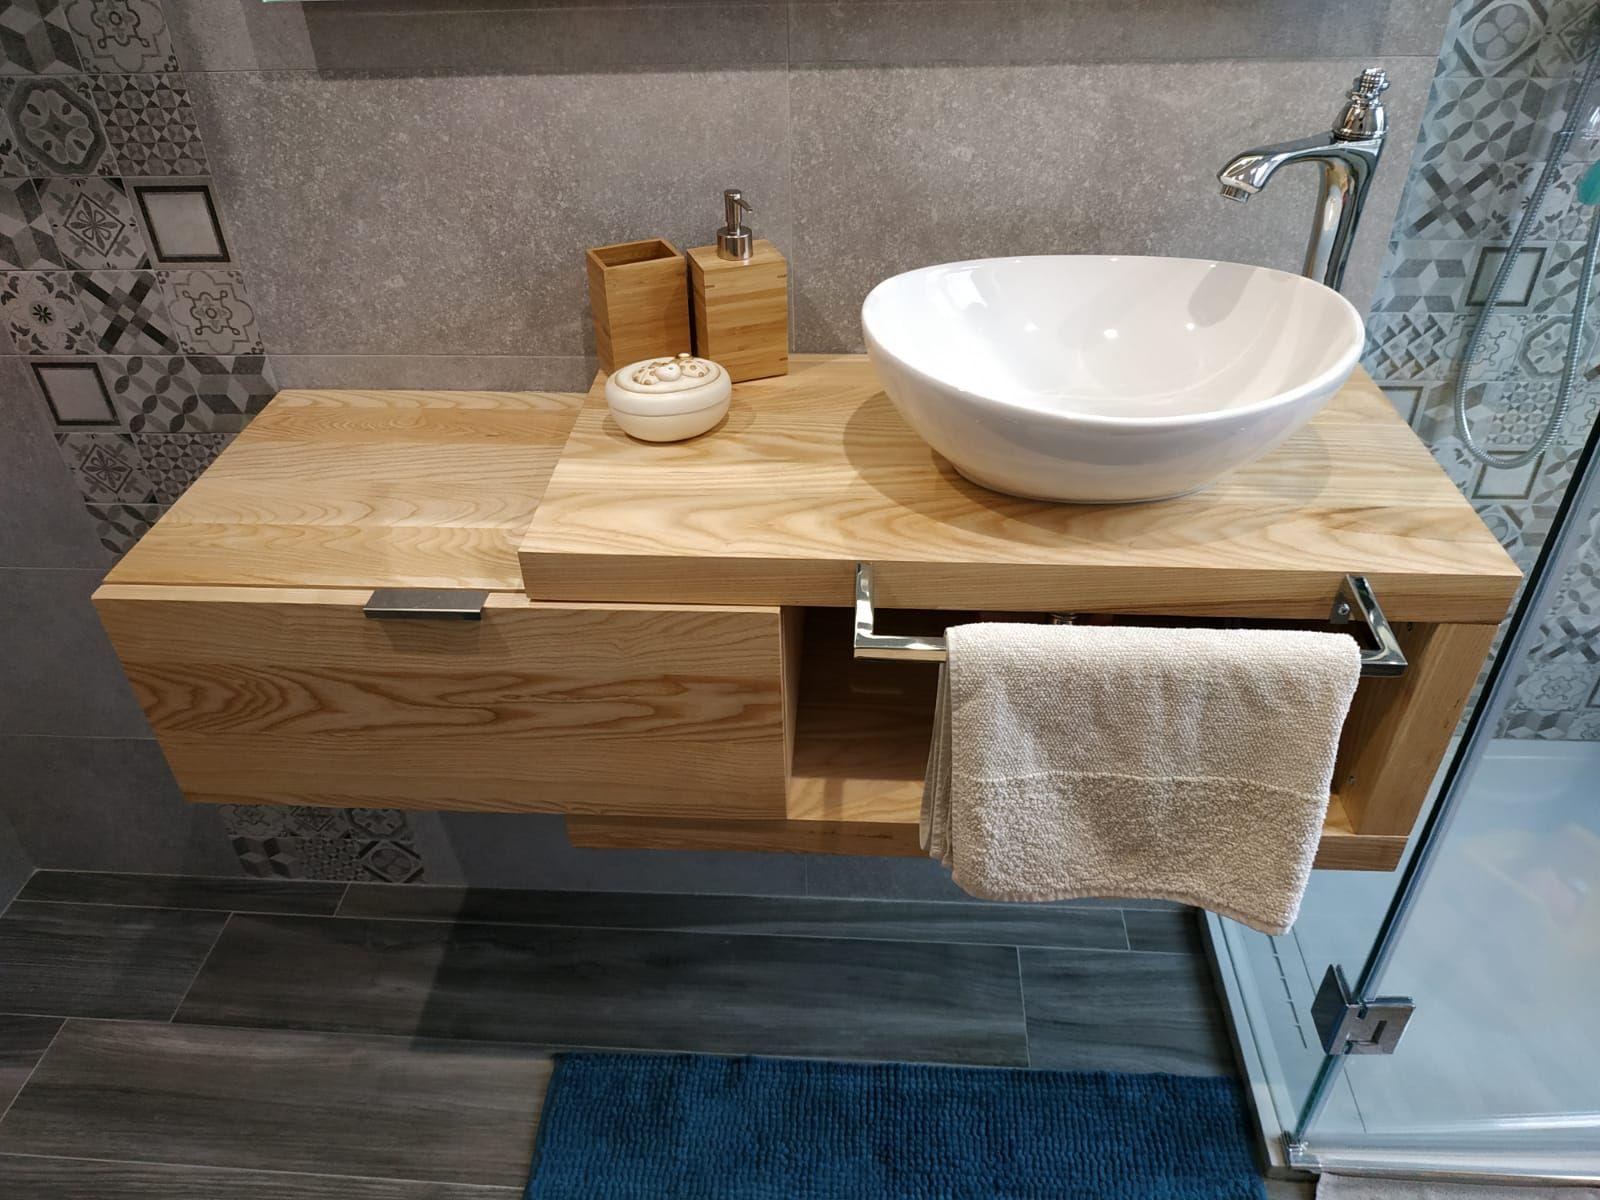 Mobile Sotto Mensola Bagno mobili e arredo bagno in legno massello - arena 60 mobile